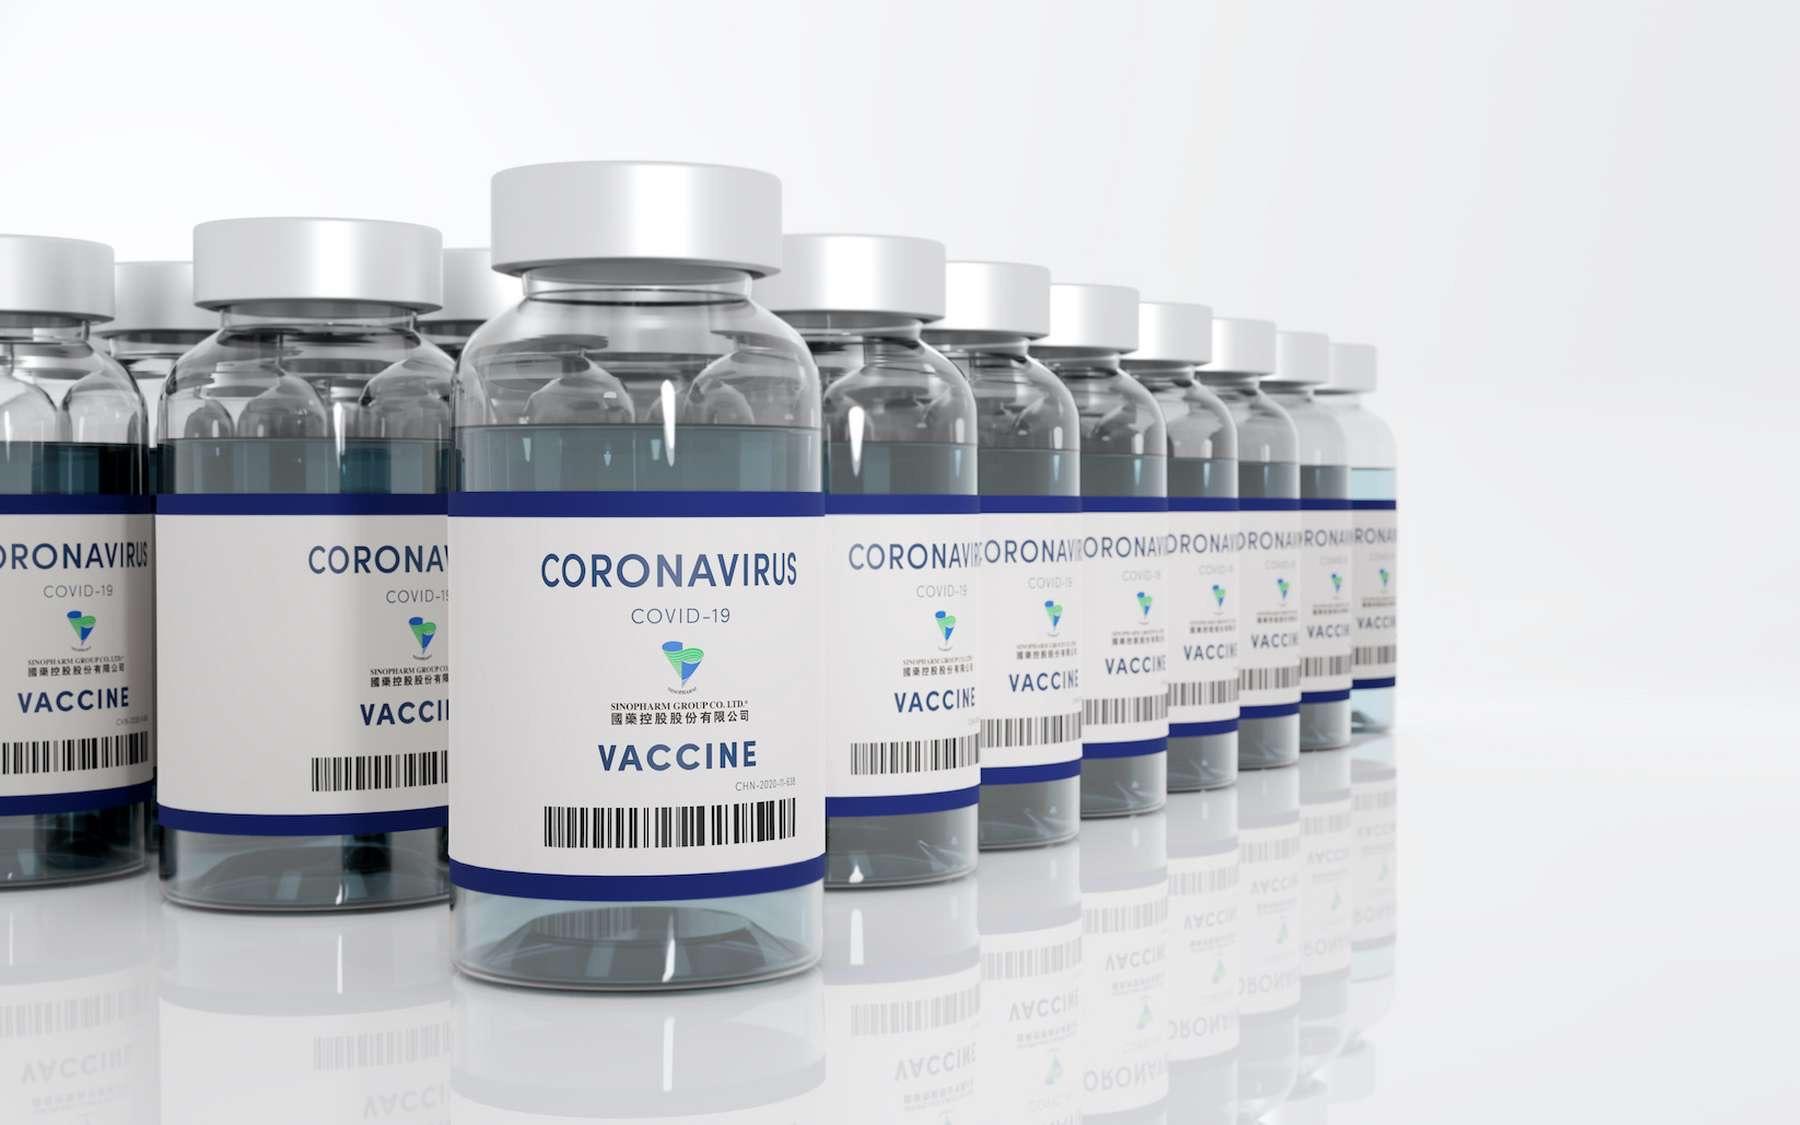 Campagne de vaccination contre la Covid-19 au Sénégal : les doses chinoises arrivent ce mercredi.